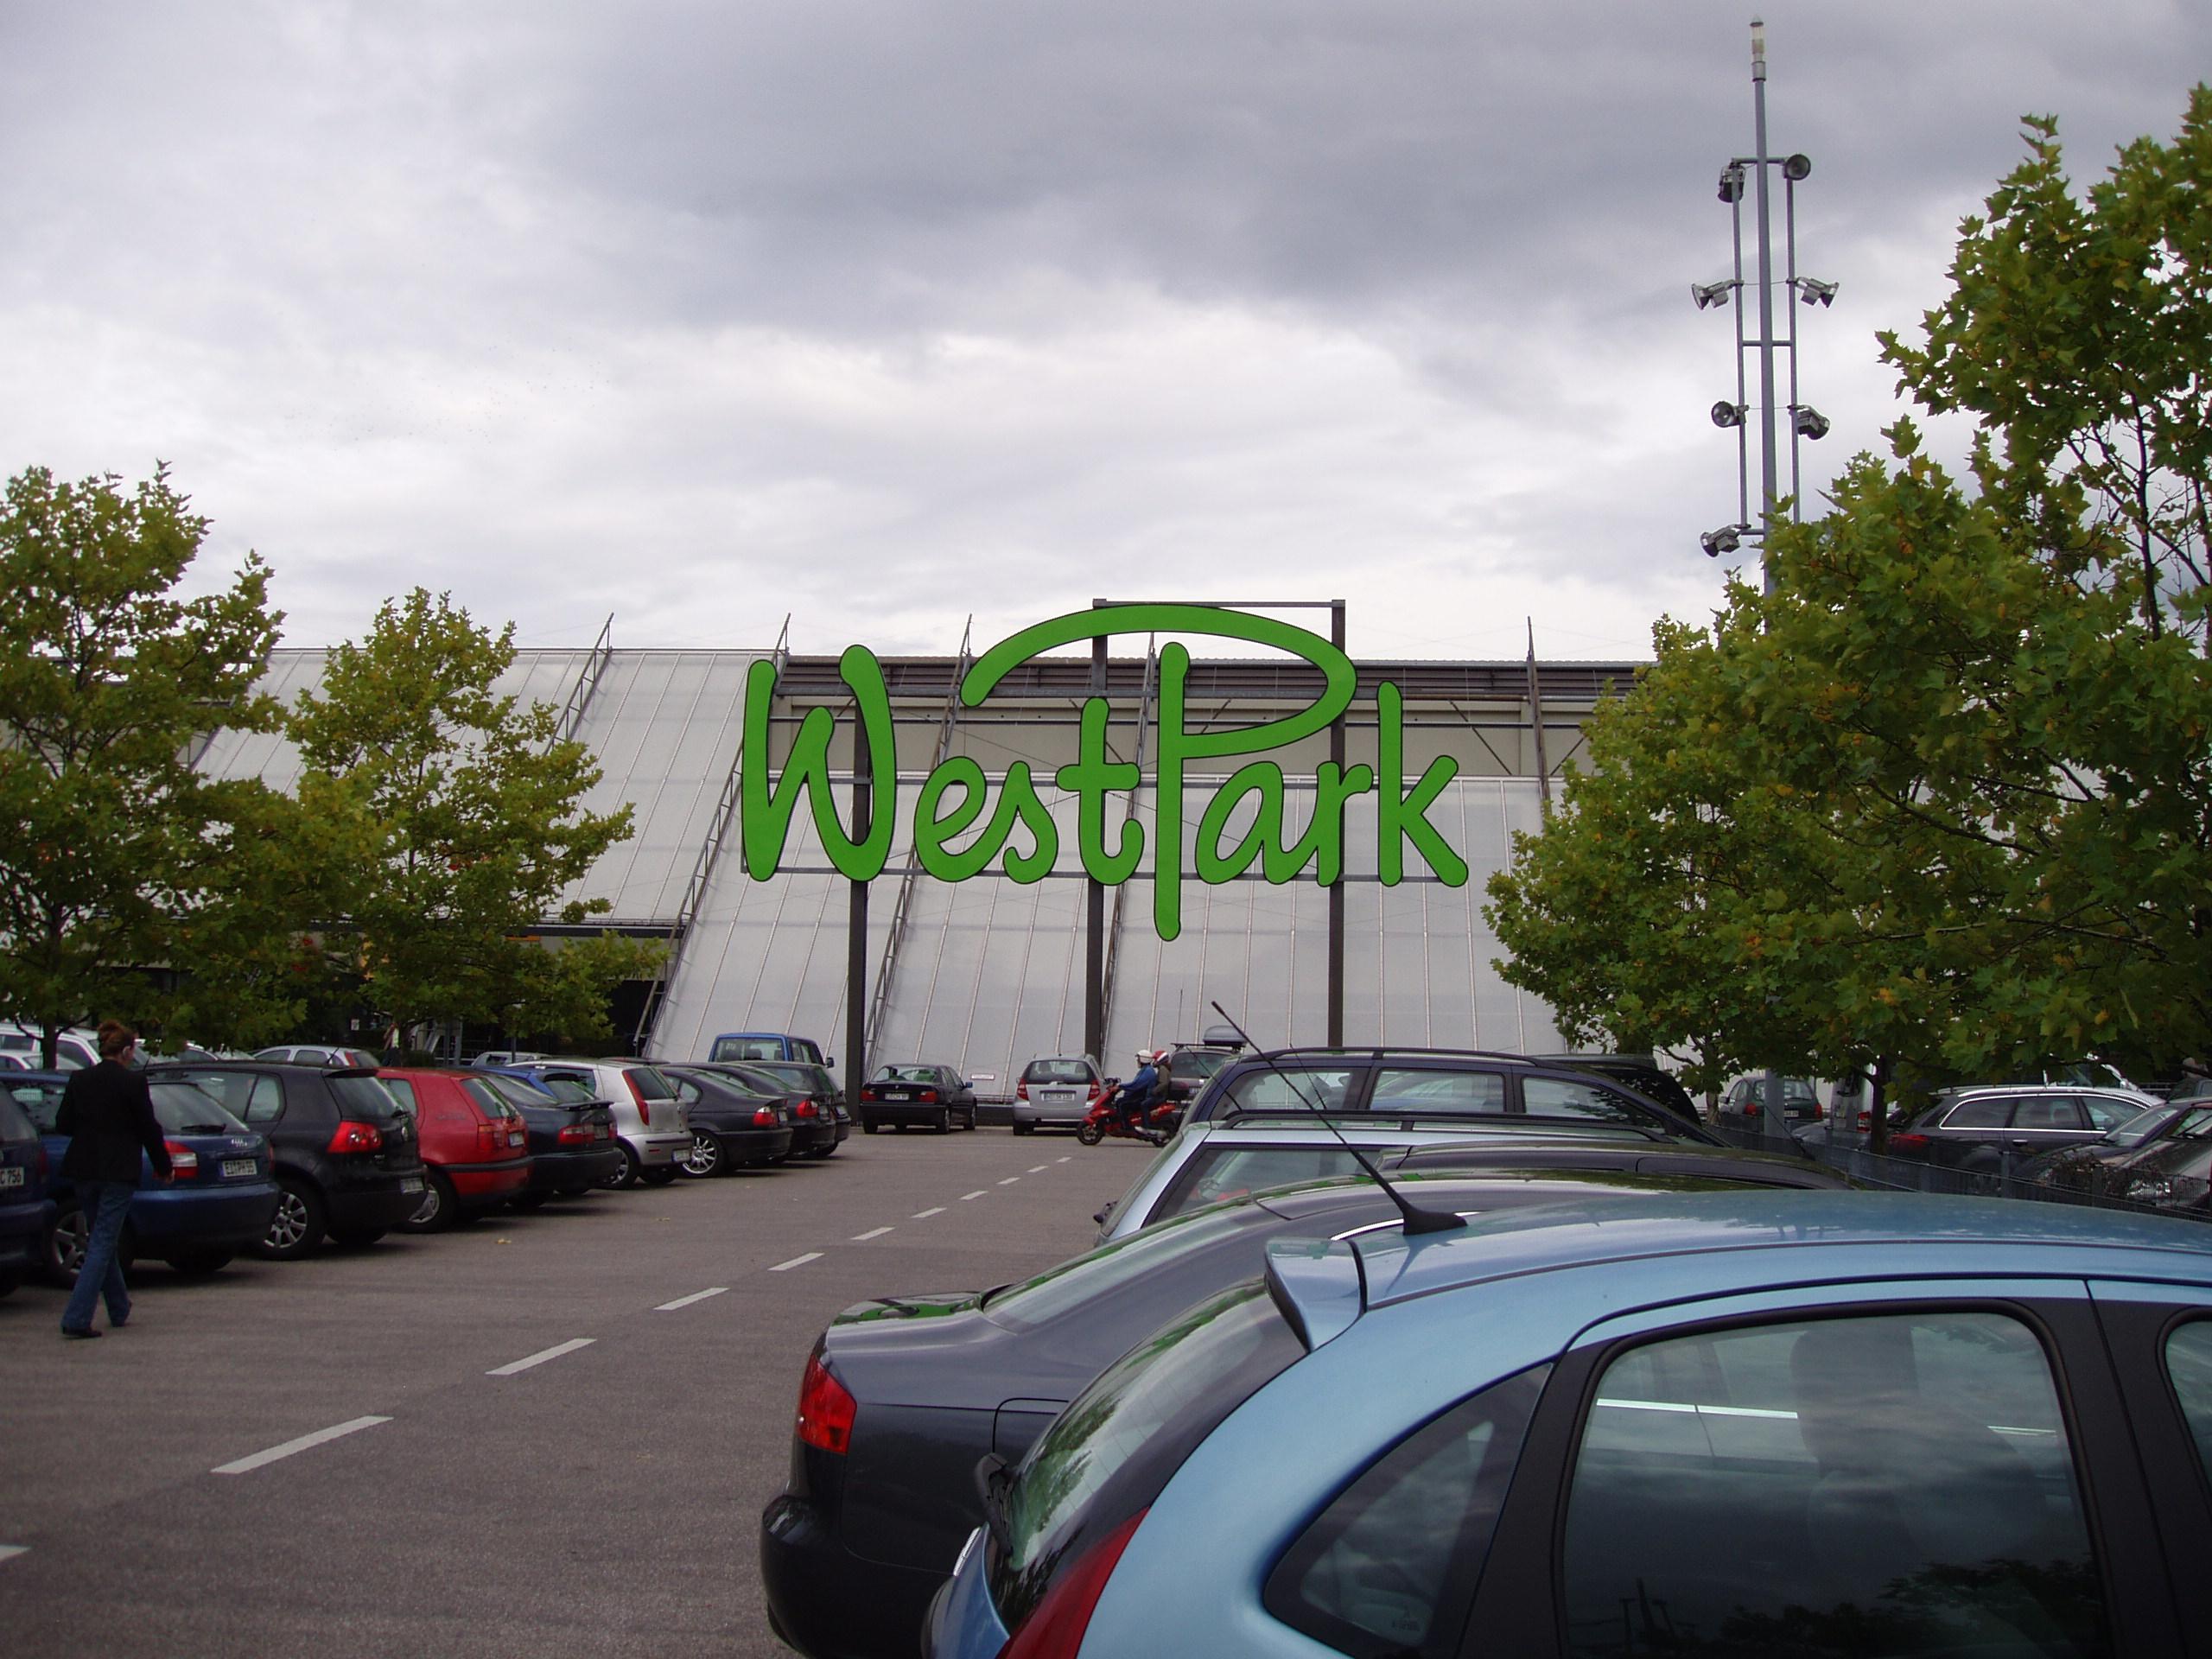 Ingolstadt Westpark